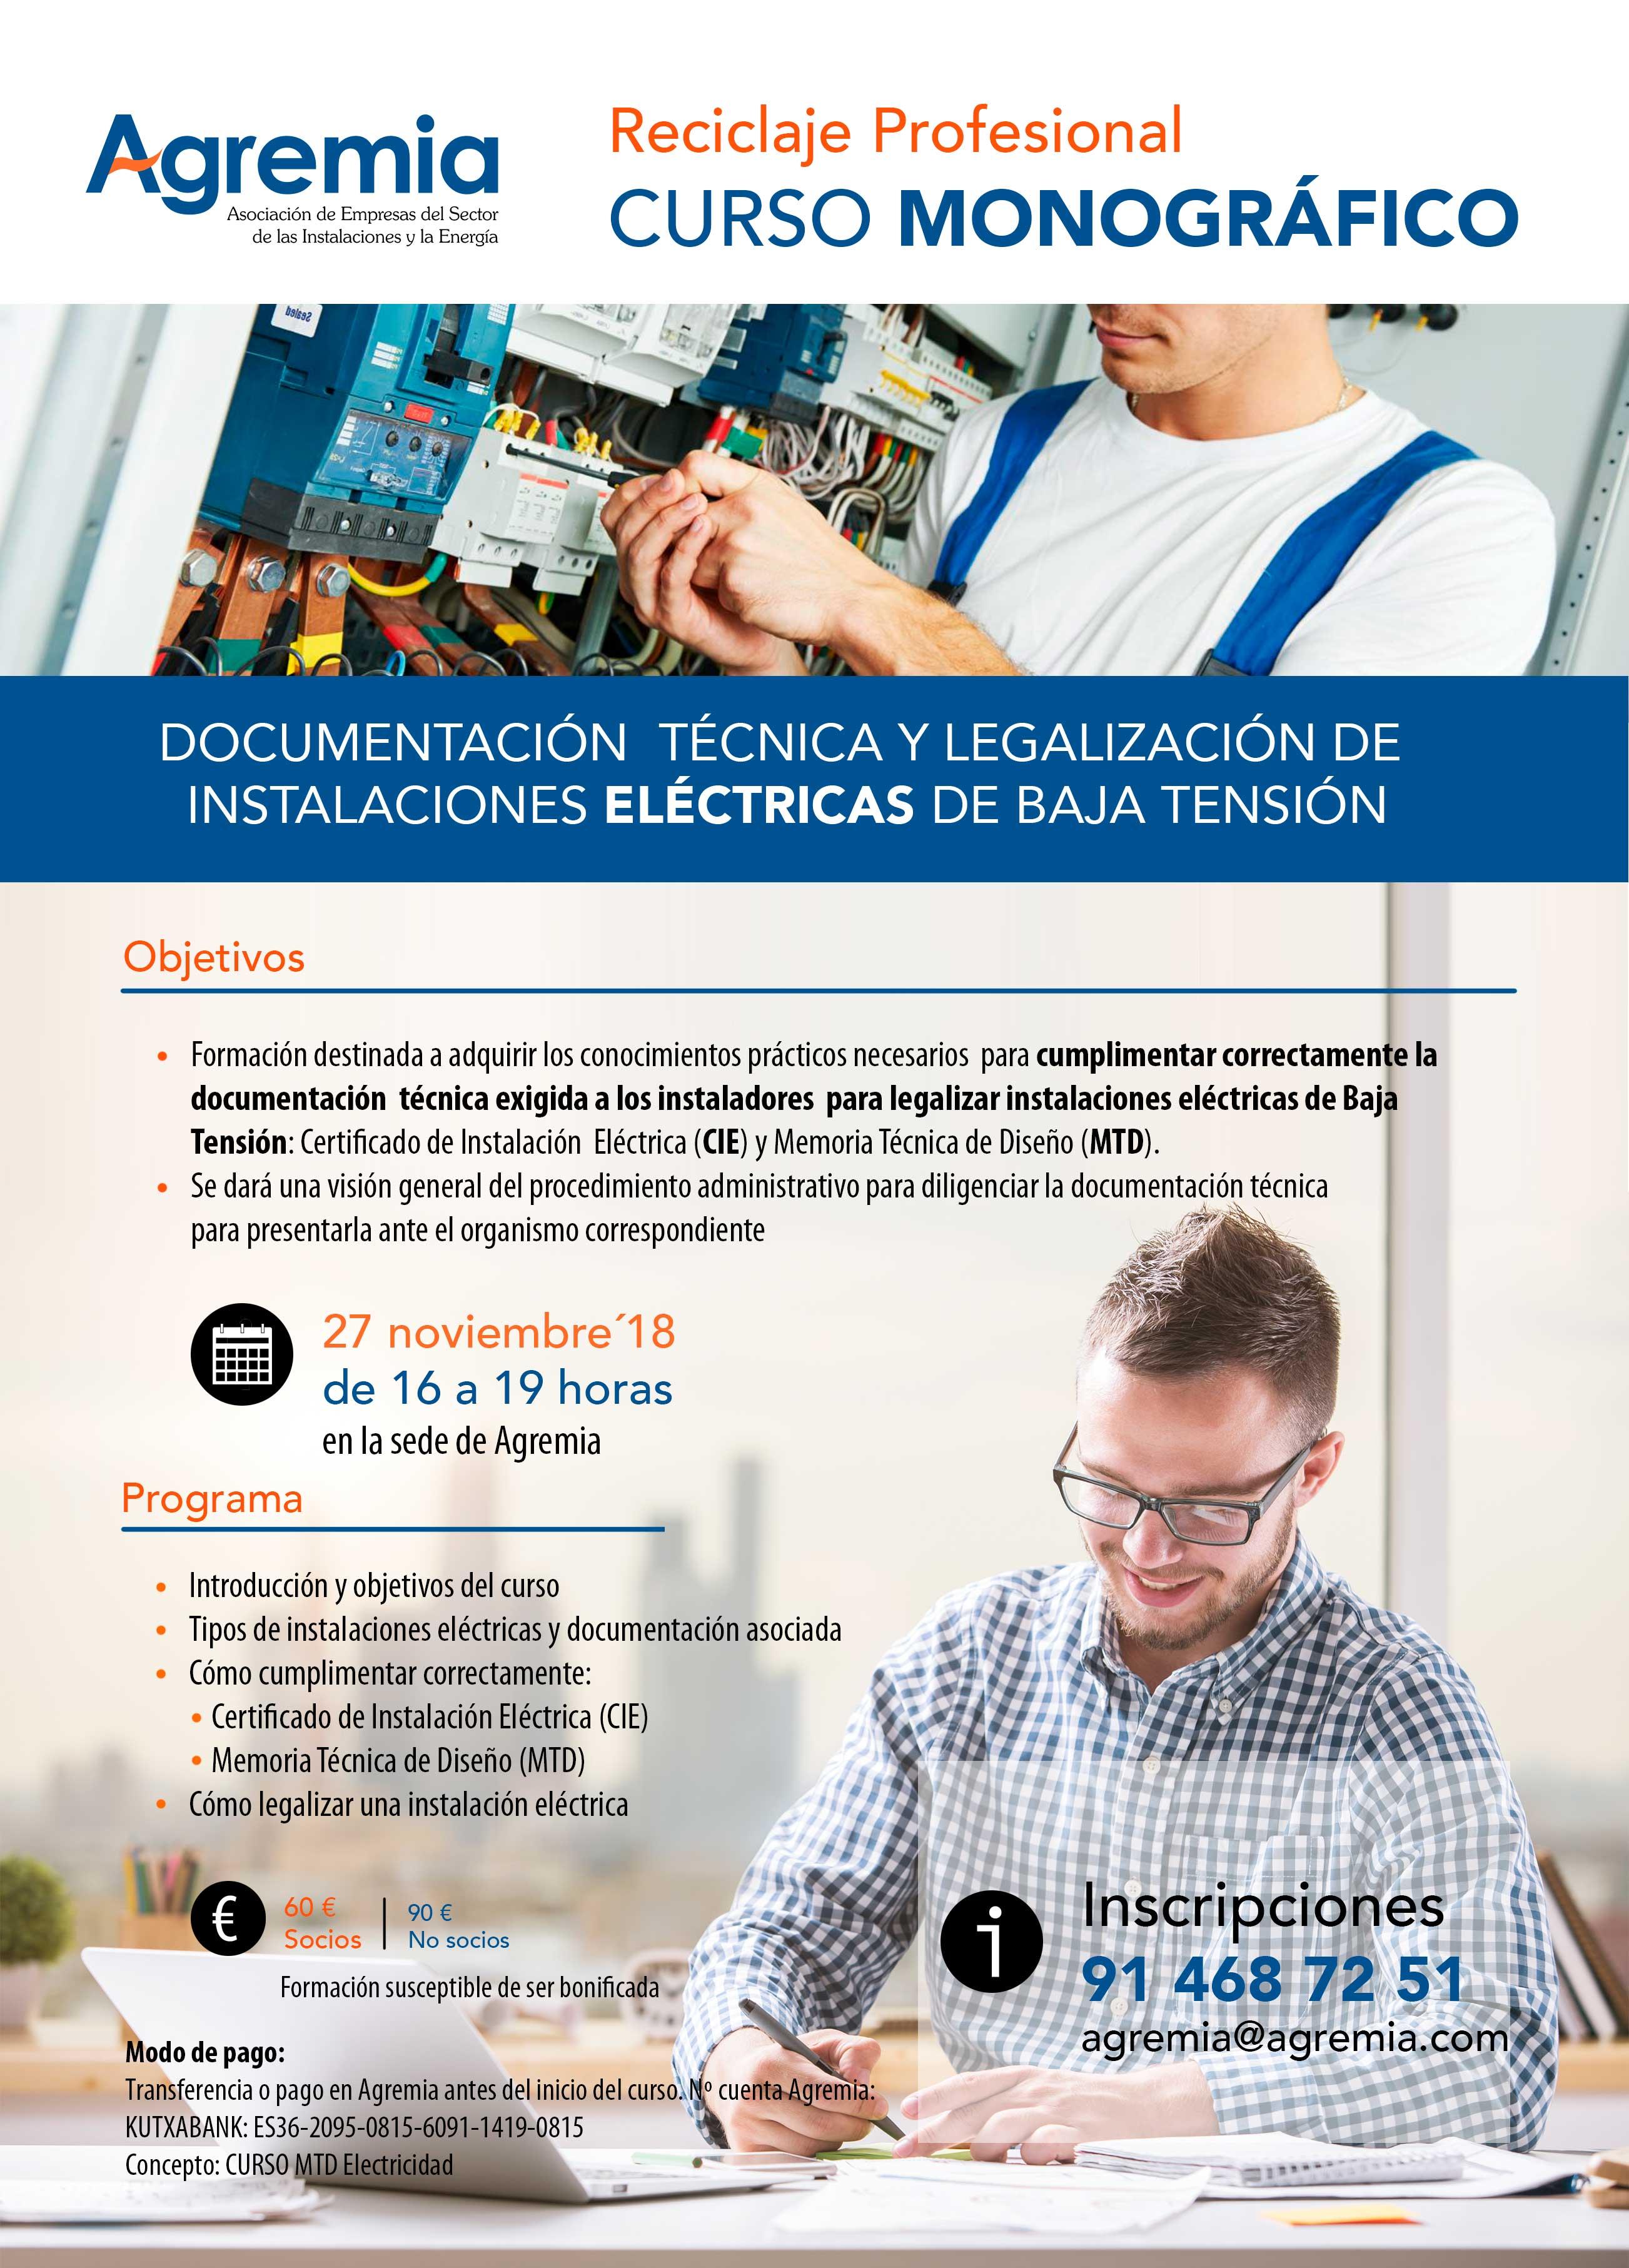 Curso electricidad práctico para saber cómo cumplimentar la documentación técnica y el procedimiento de legalización de la instalación